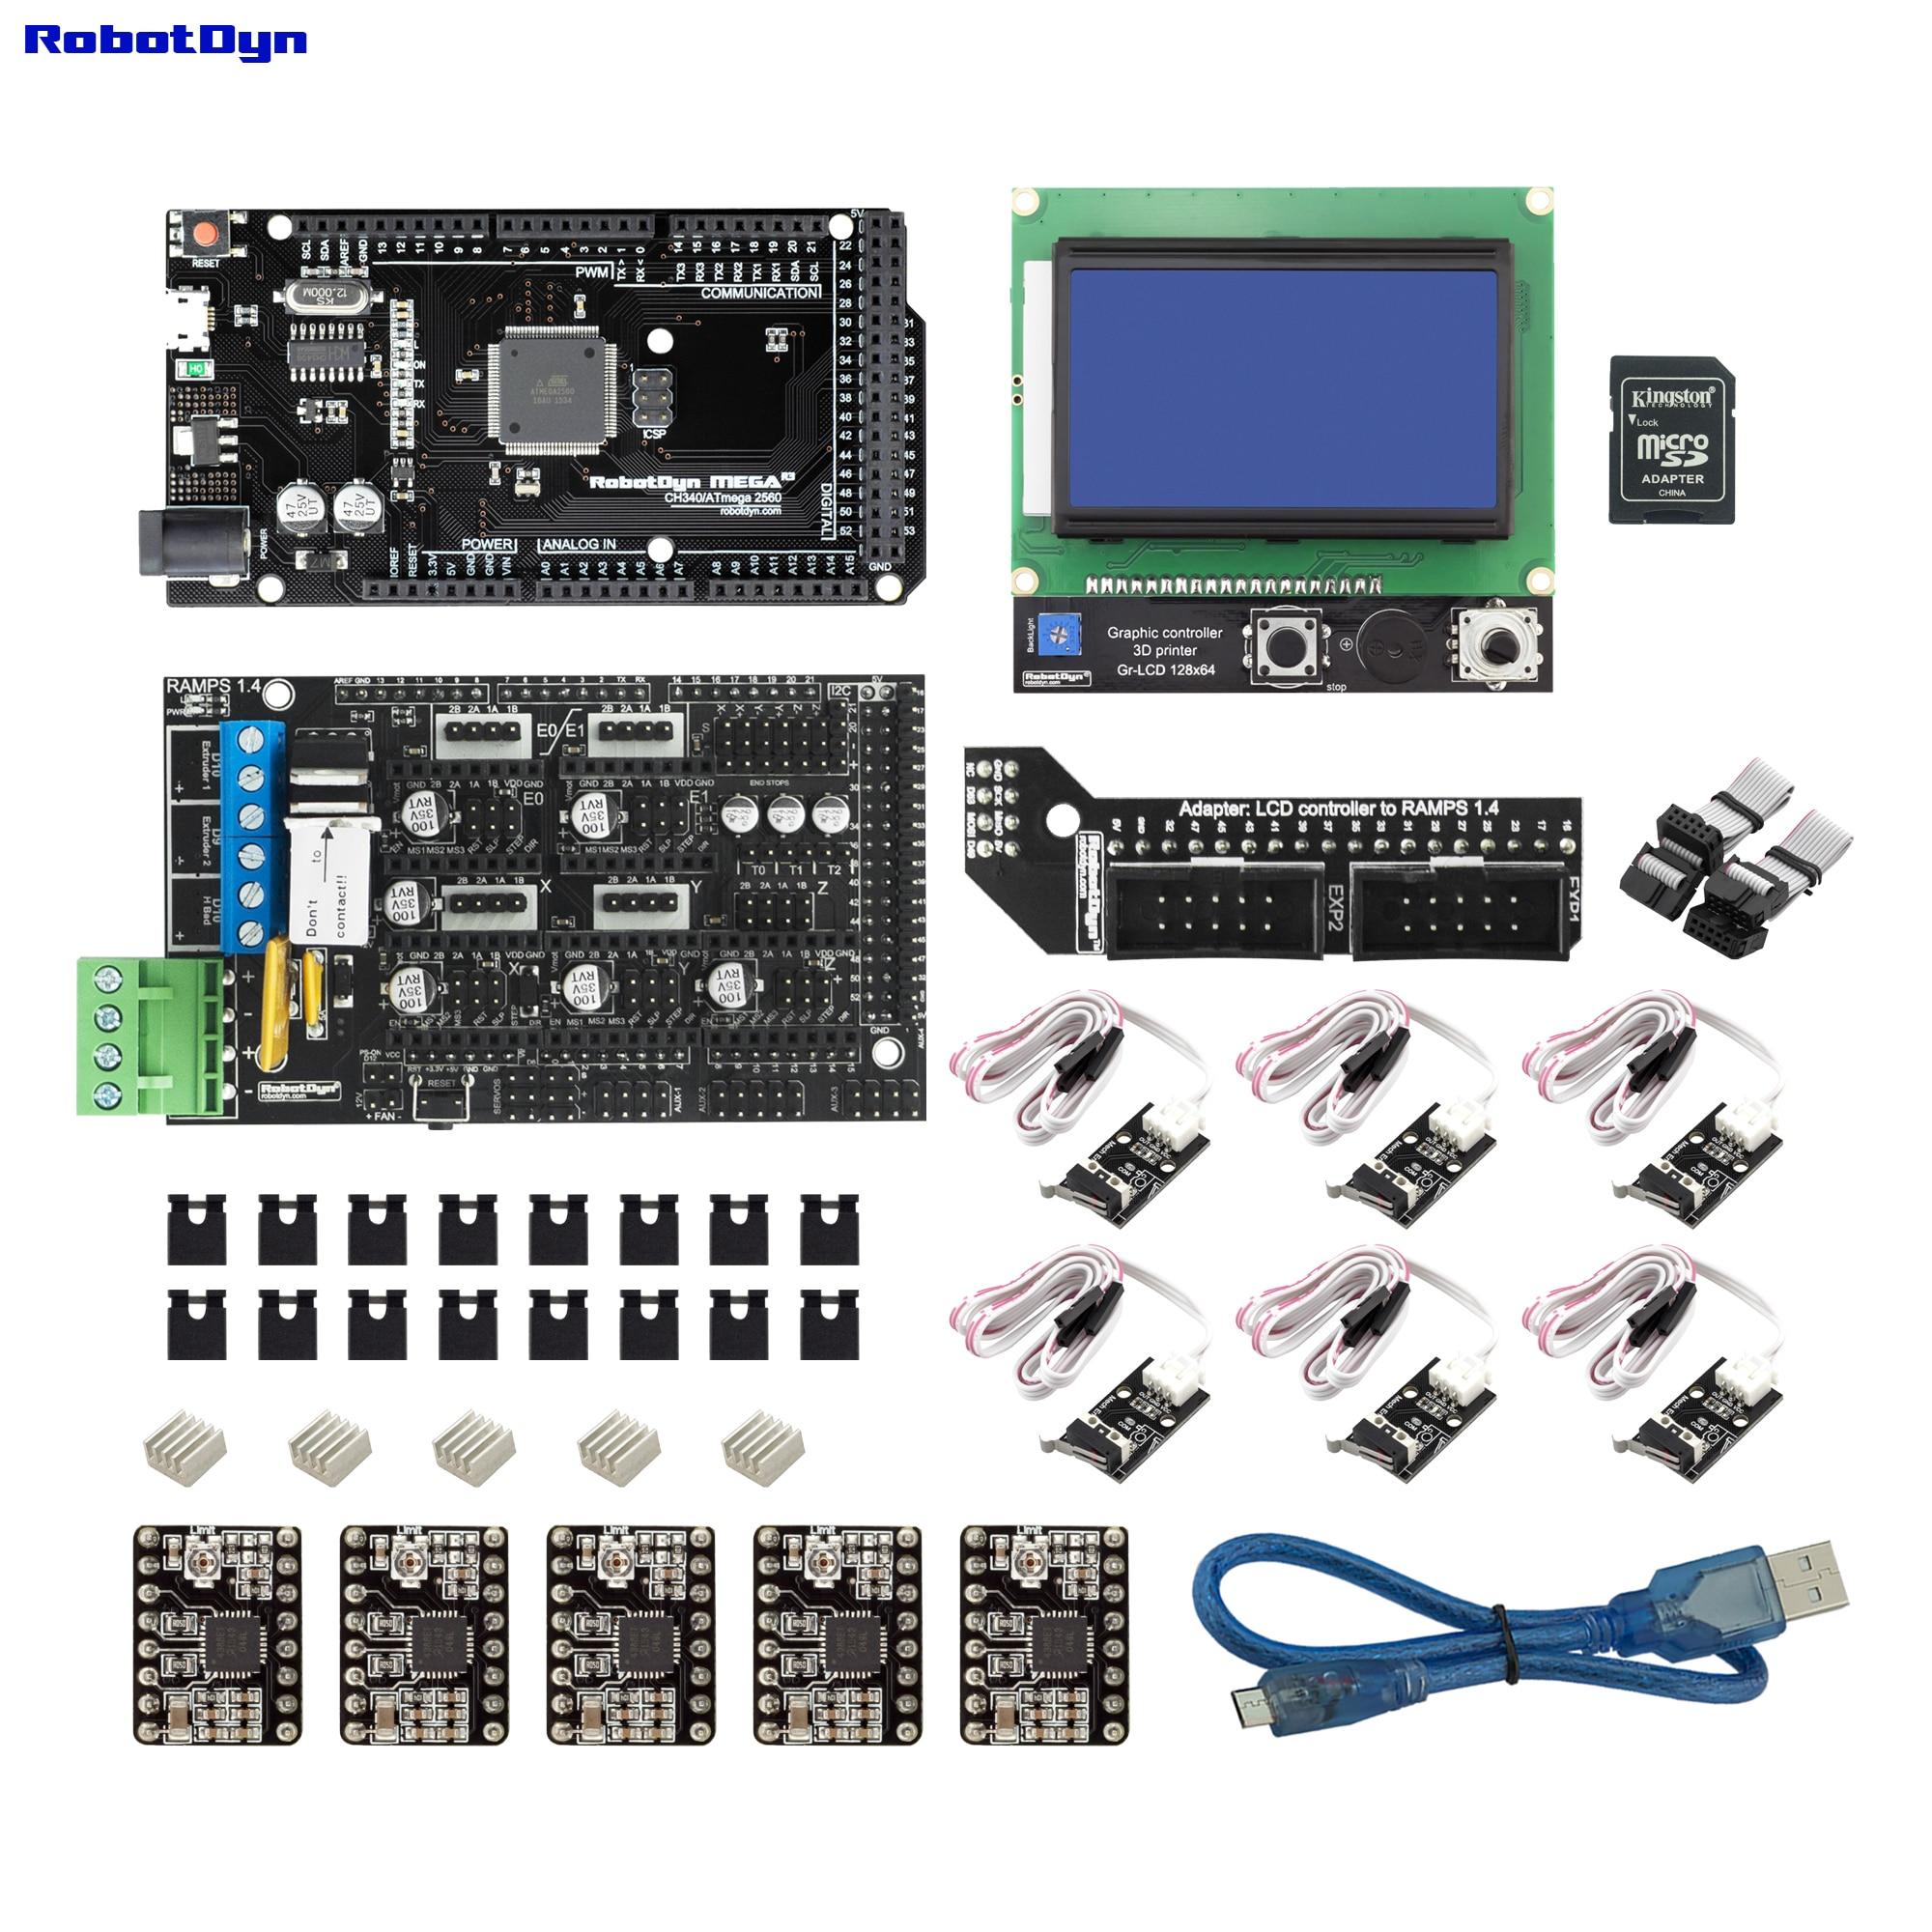 3D imprimante et CNC KIT2. MEGA 2560 + rampes 1.4 + contrôleur graphique 128x64 + pilotes + butée finale, Compatible pour Arduino et RepRap